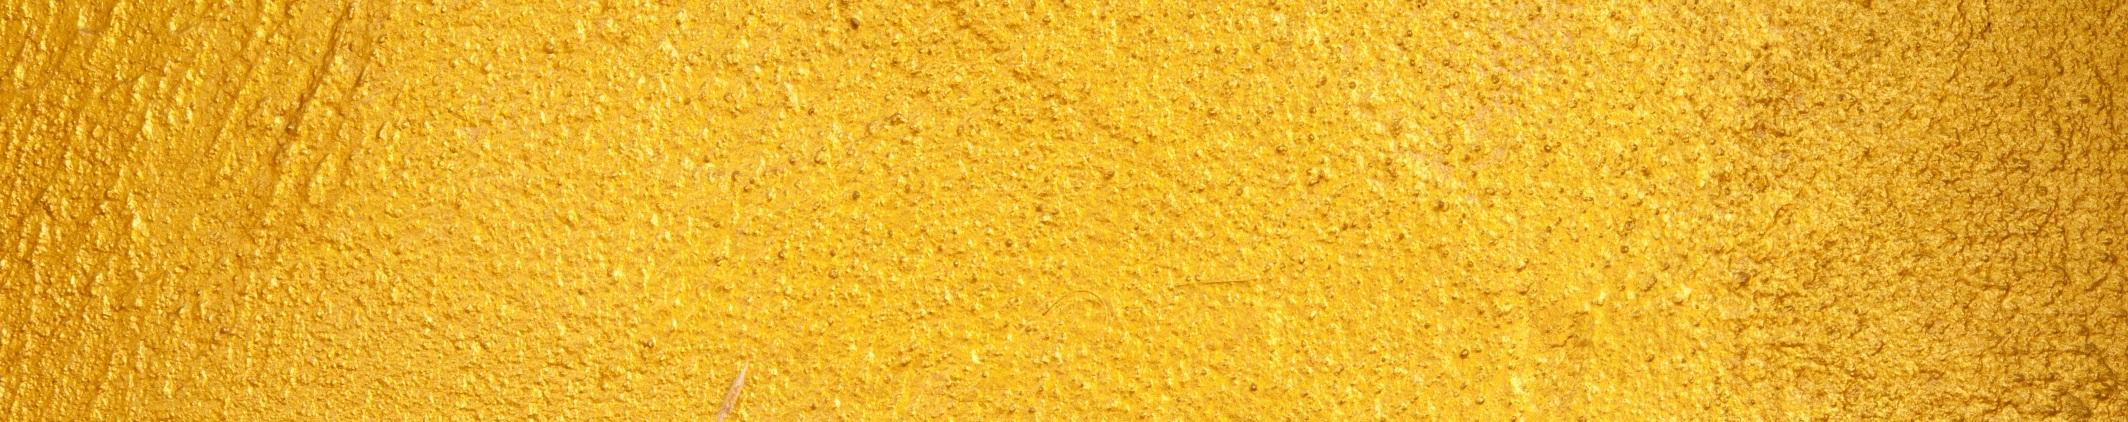 Gold banner.jpg